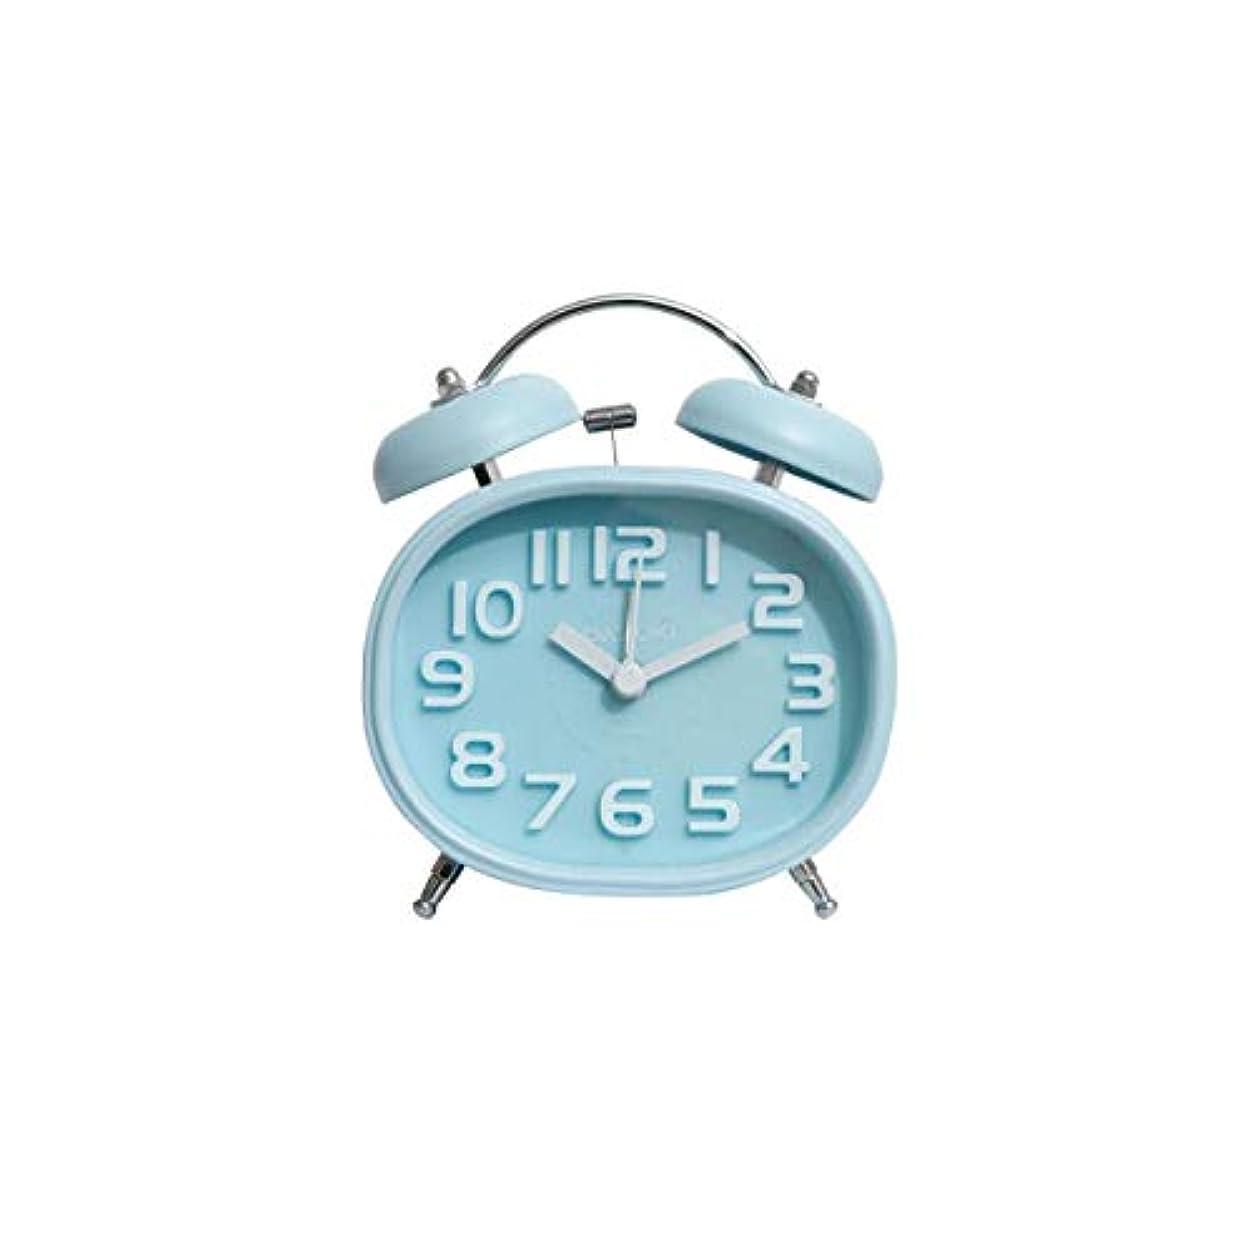 生まれ必要寸法Kaiyitong001 目覚まし時計、サイレントクロック、機械式リンギング環境ポインター、学生用小型目覚まし時計、ブラック、(シルバー) (Color : Blue)